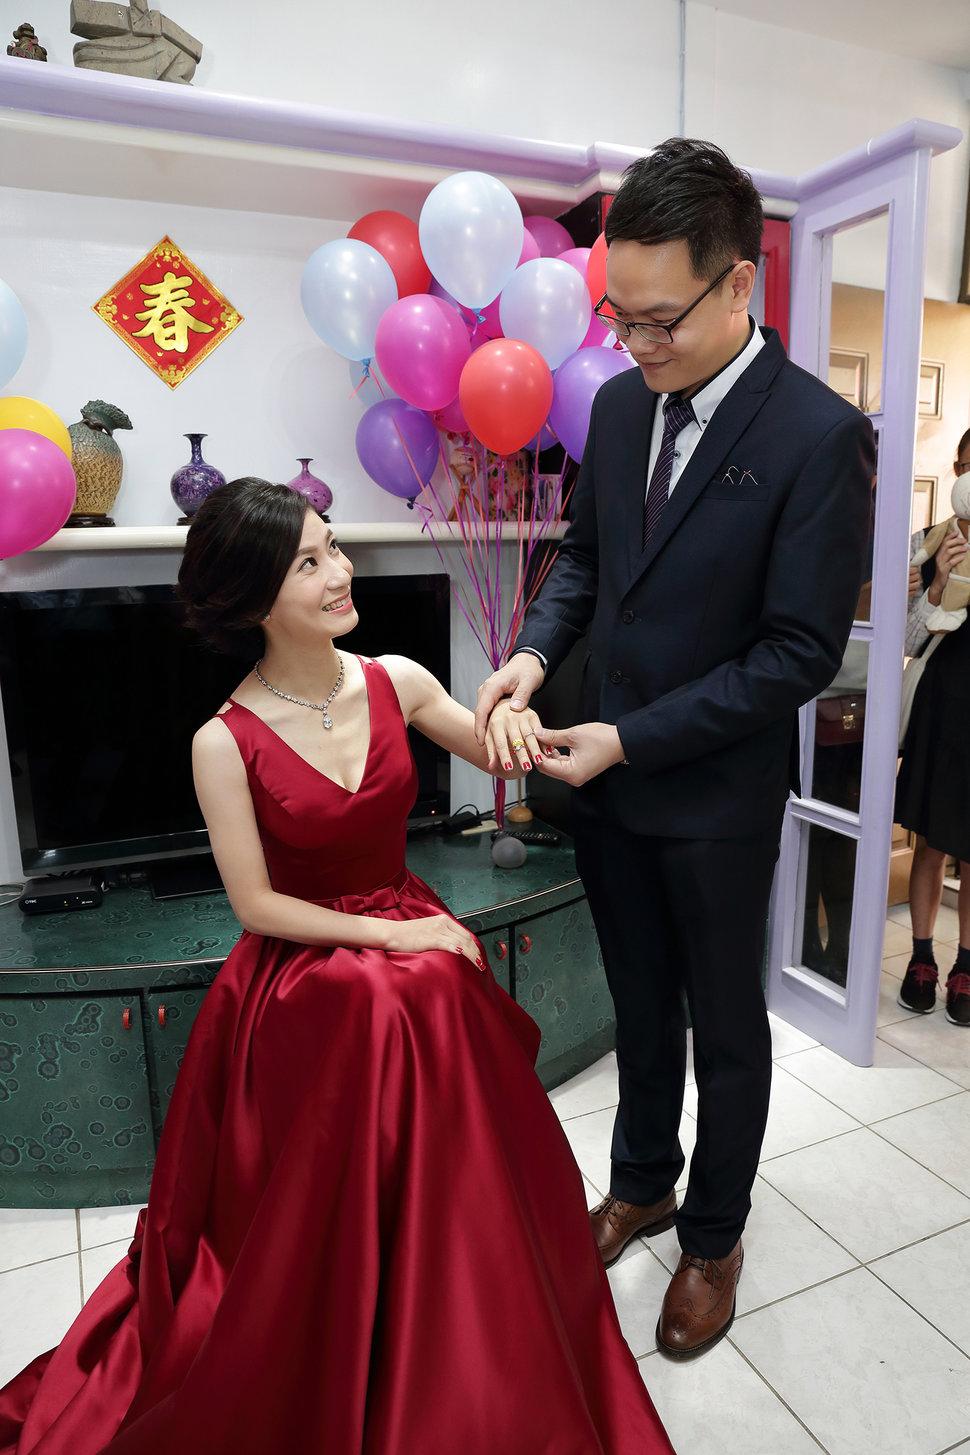 058A1107 - 倪秉影像 婚禮紀實攝影 - 結婚吧